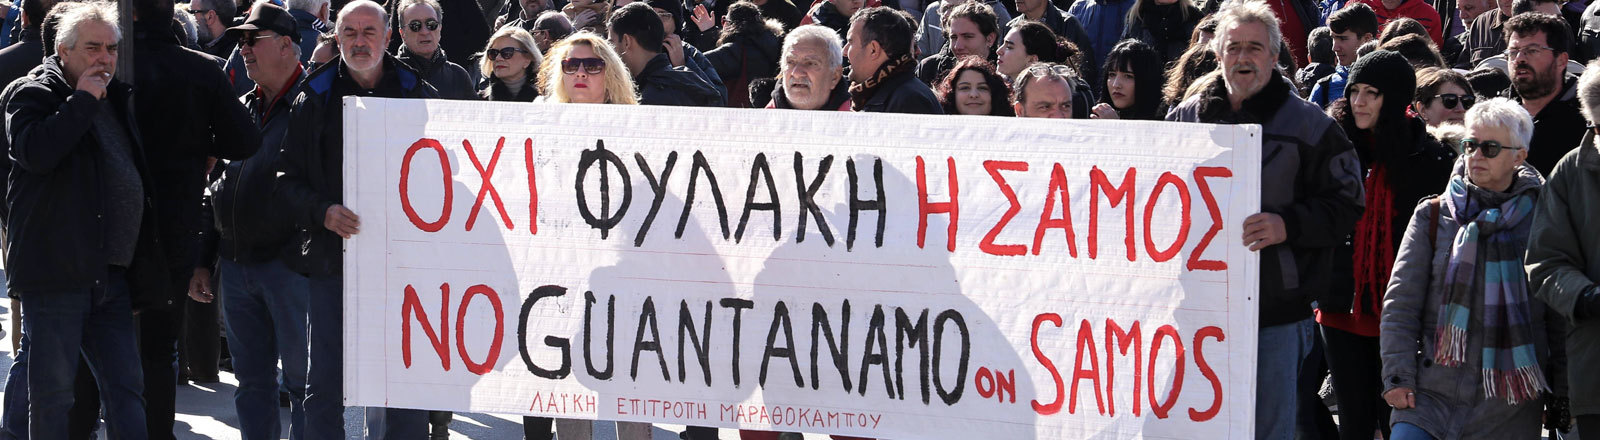 Am 22. Januar 2020 protestieren die Bewohner auf der griechischen Insel Samos gegen die Flüchtlingspolitik. Auf einem großen Plakat heißt es: No Guantanamo on Samos.